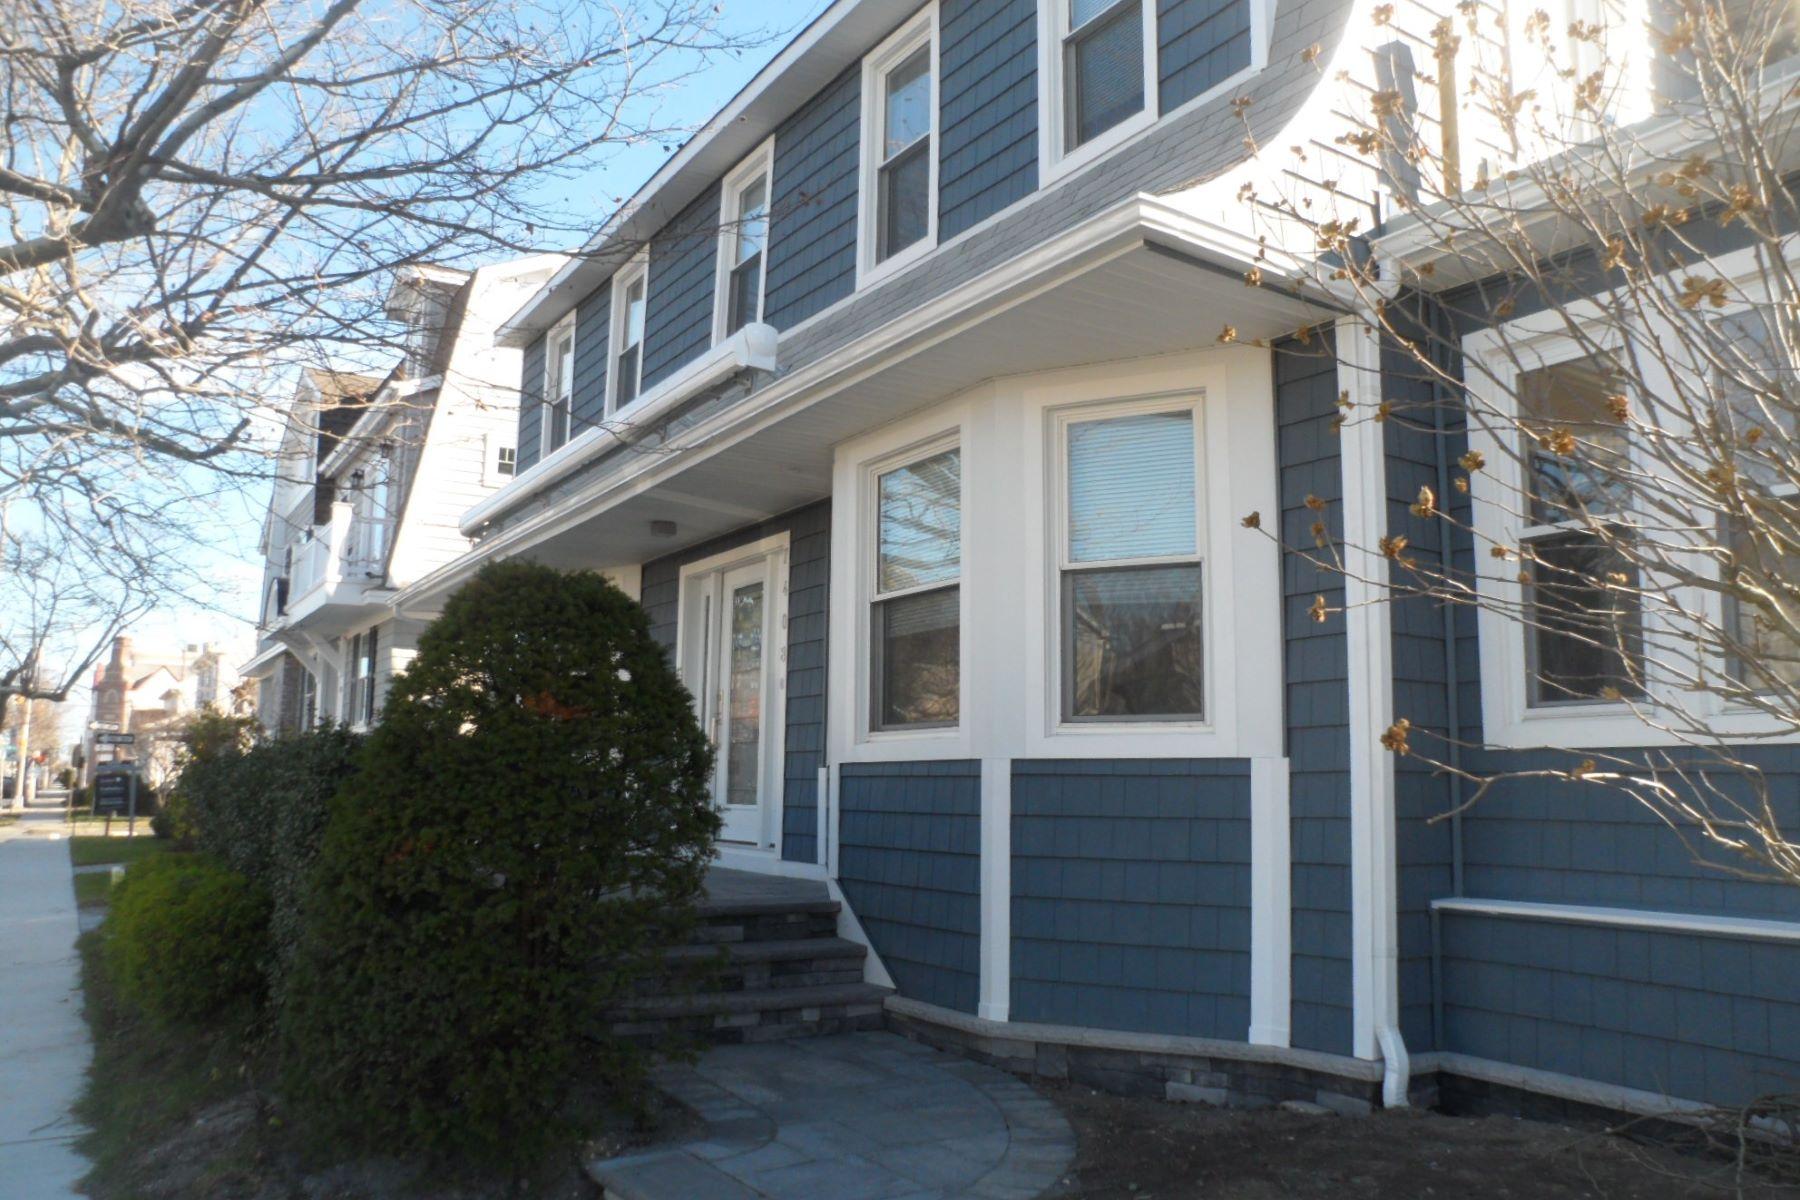 Частный односемейный дом для того Аренда на 7408 Ventnor Ave Margate, Нью-Джерси 08402 Соединенные Штаты